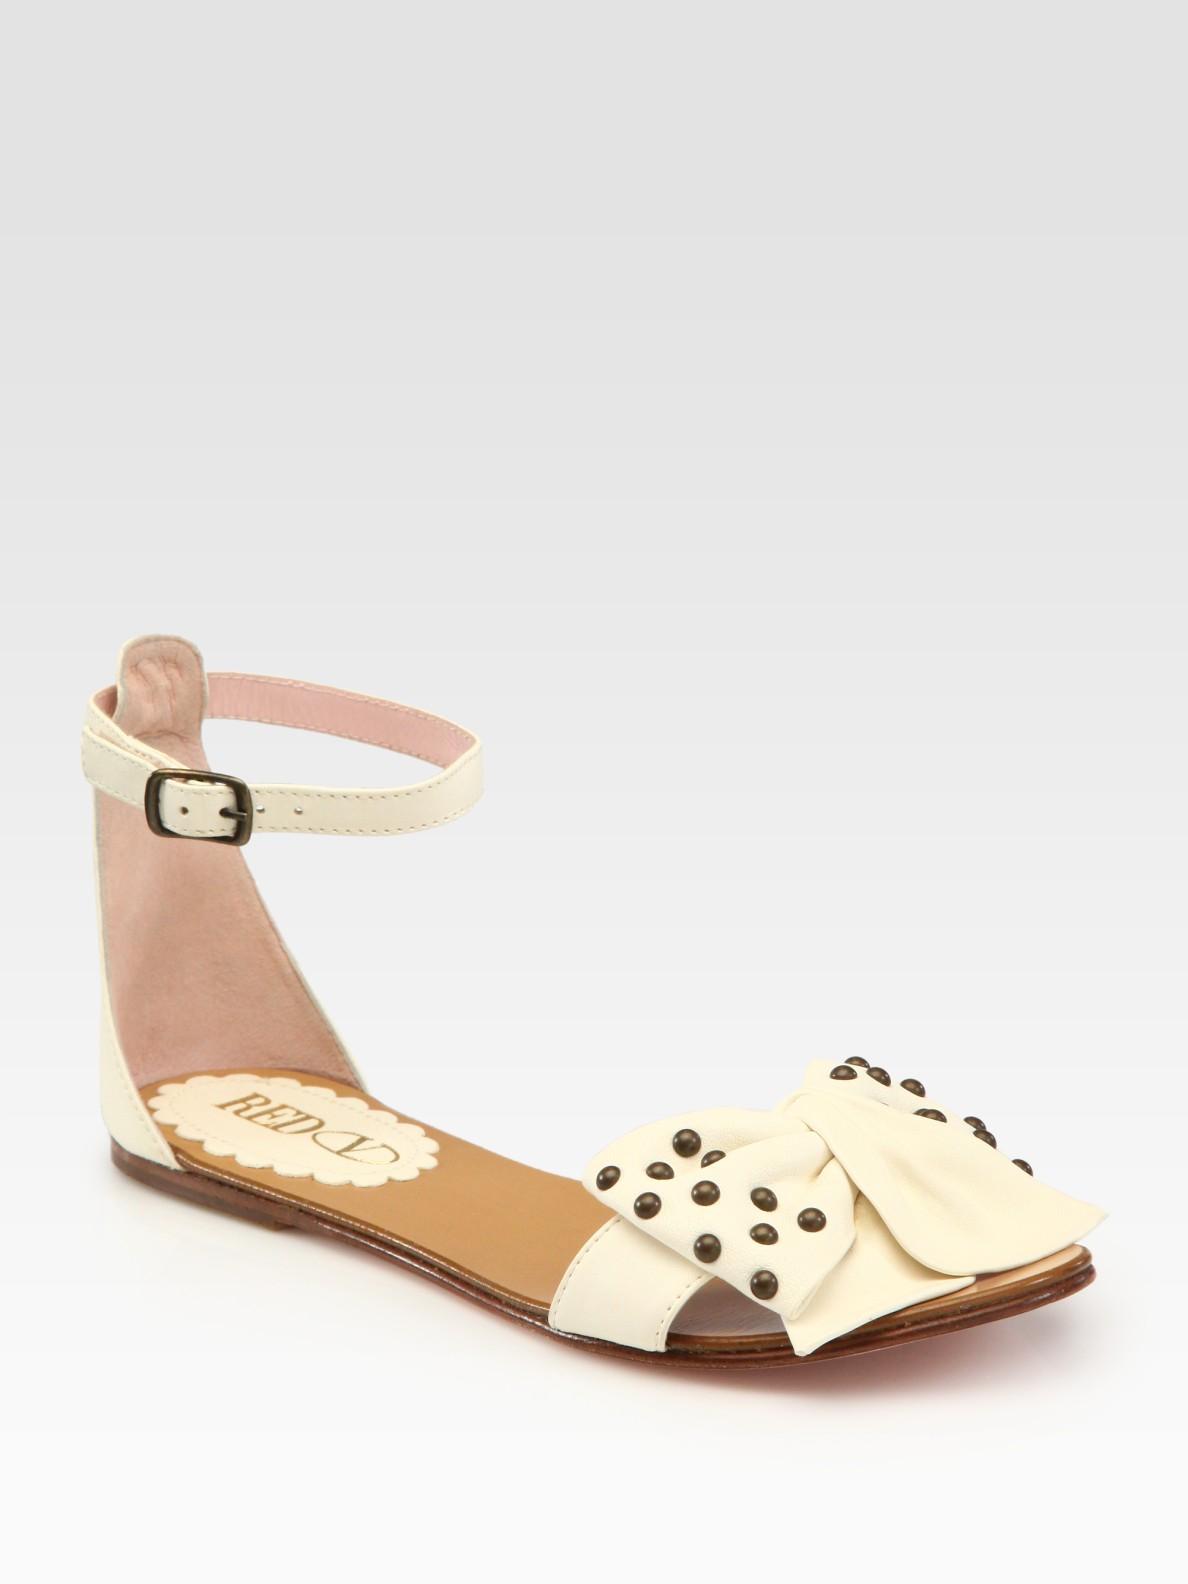 Aldo White Studded Shoes